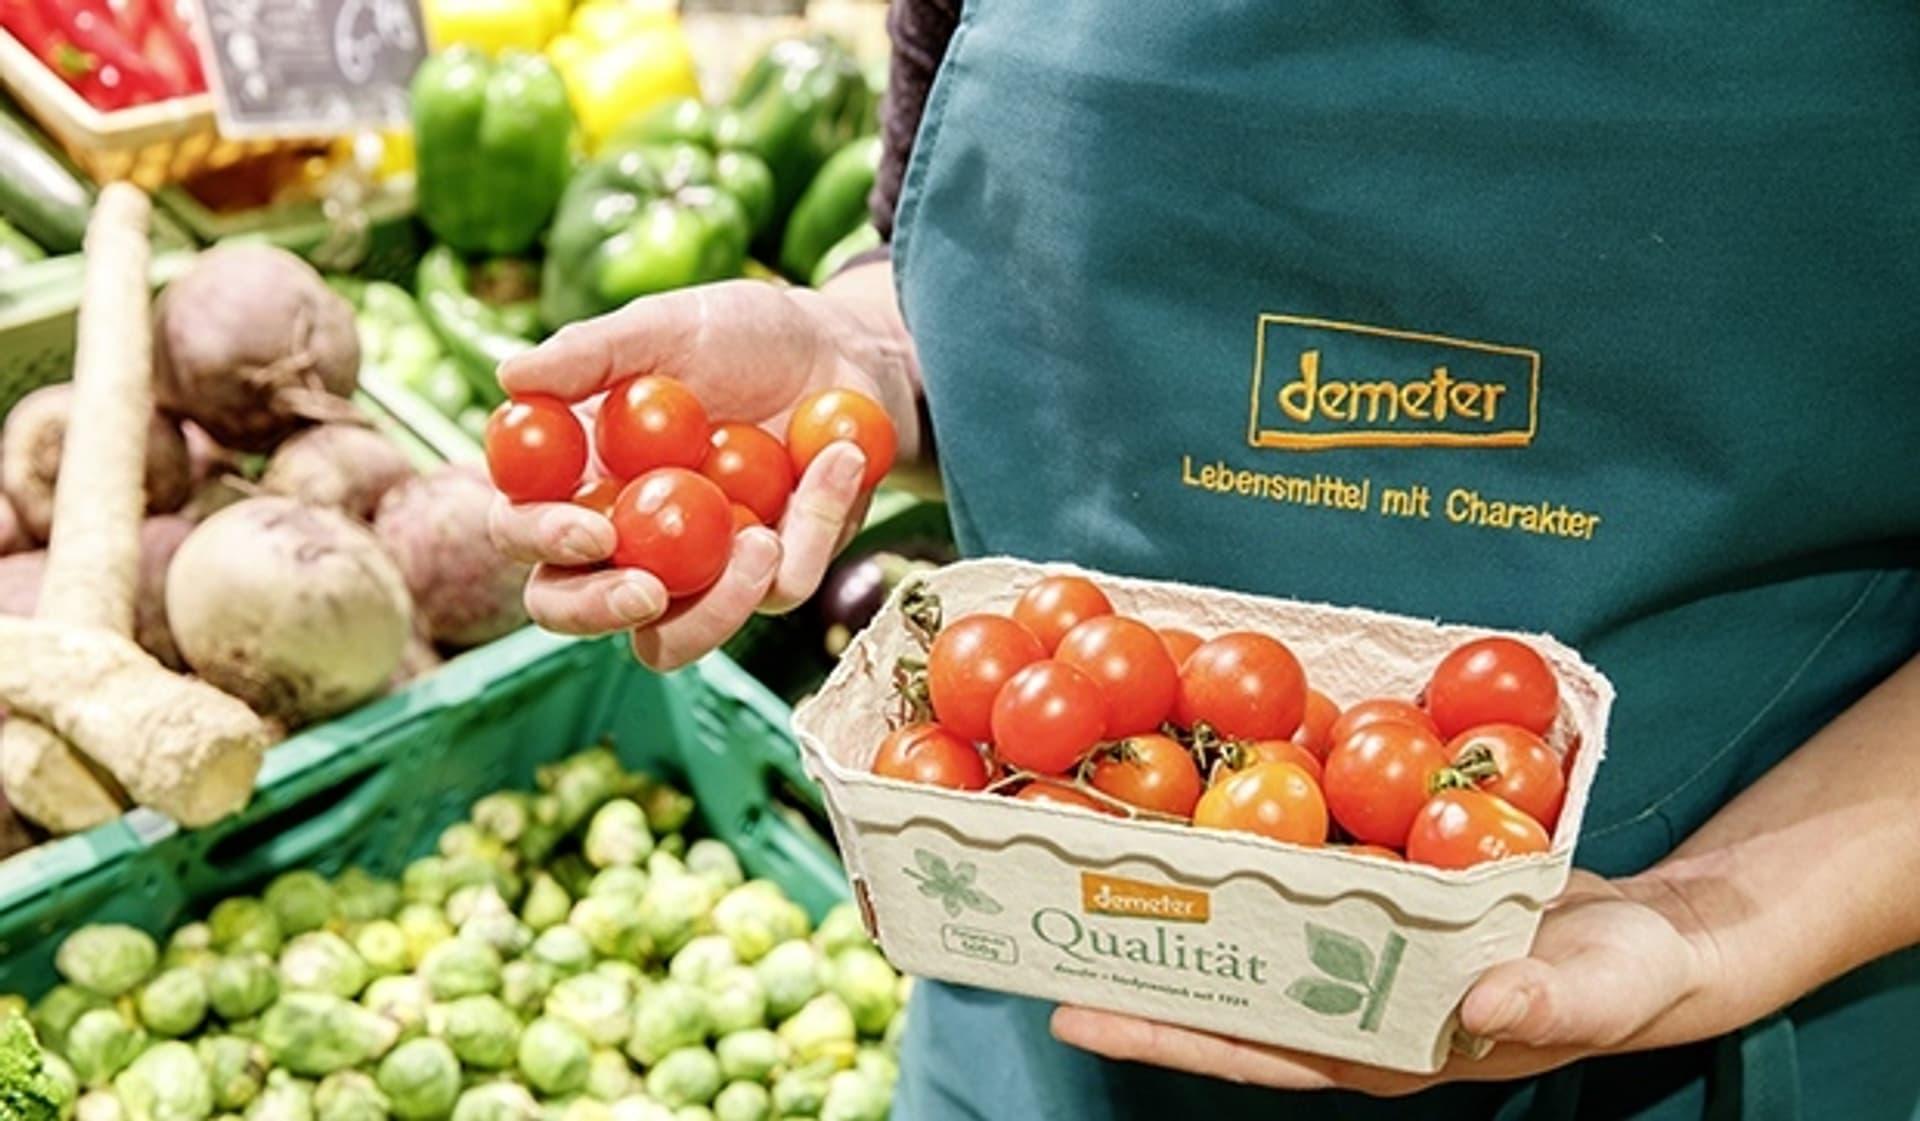 Demeter Tomaten